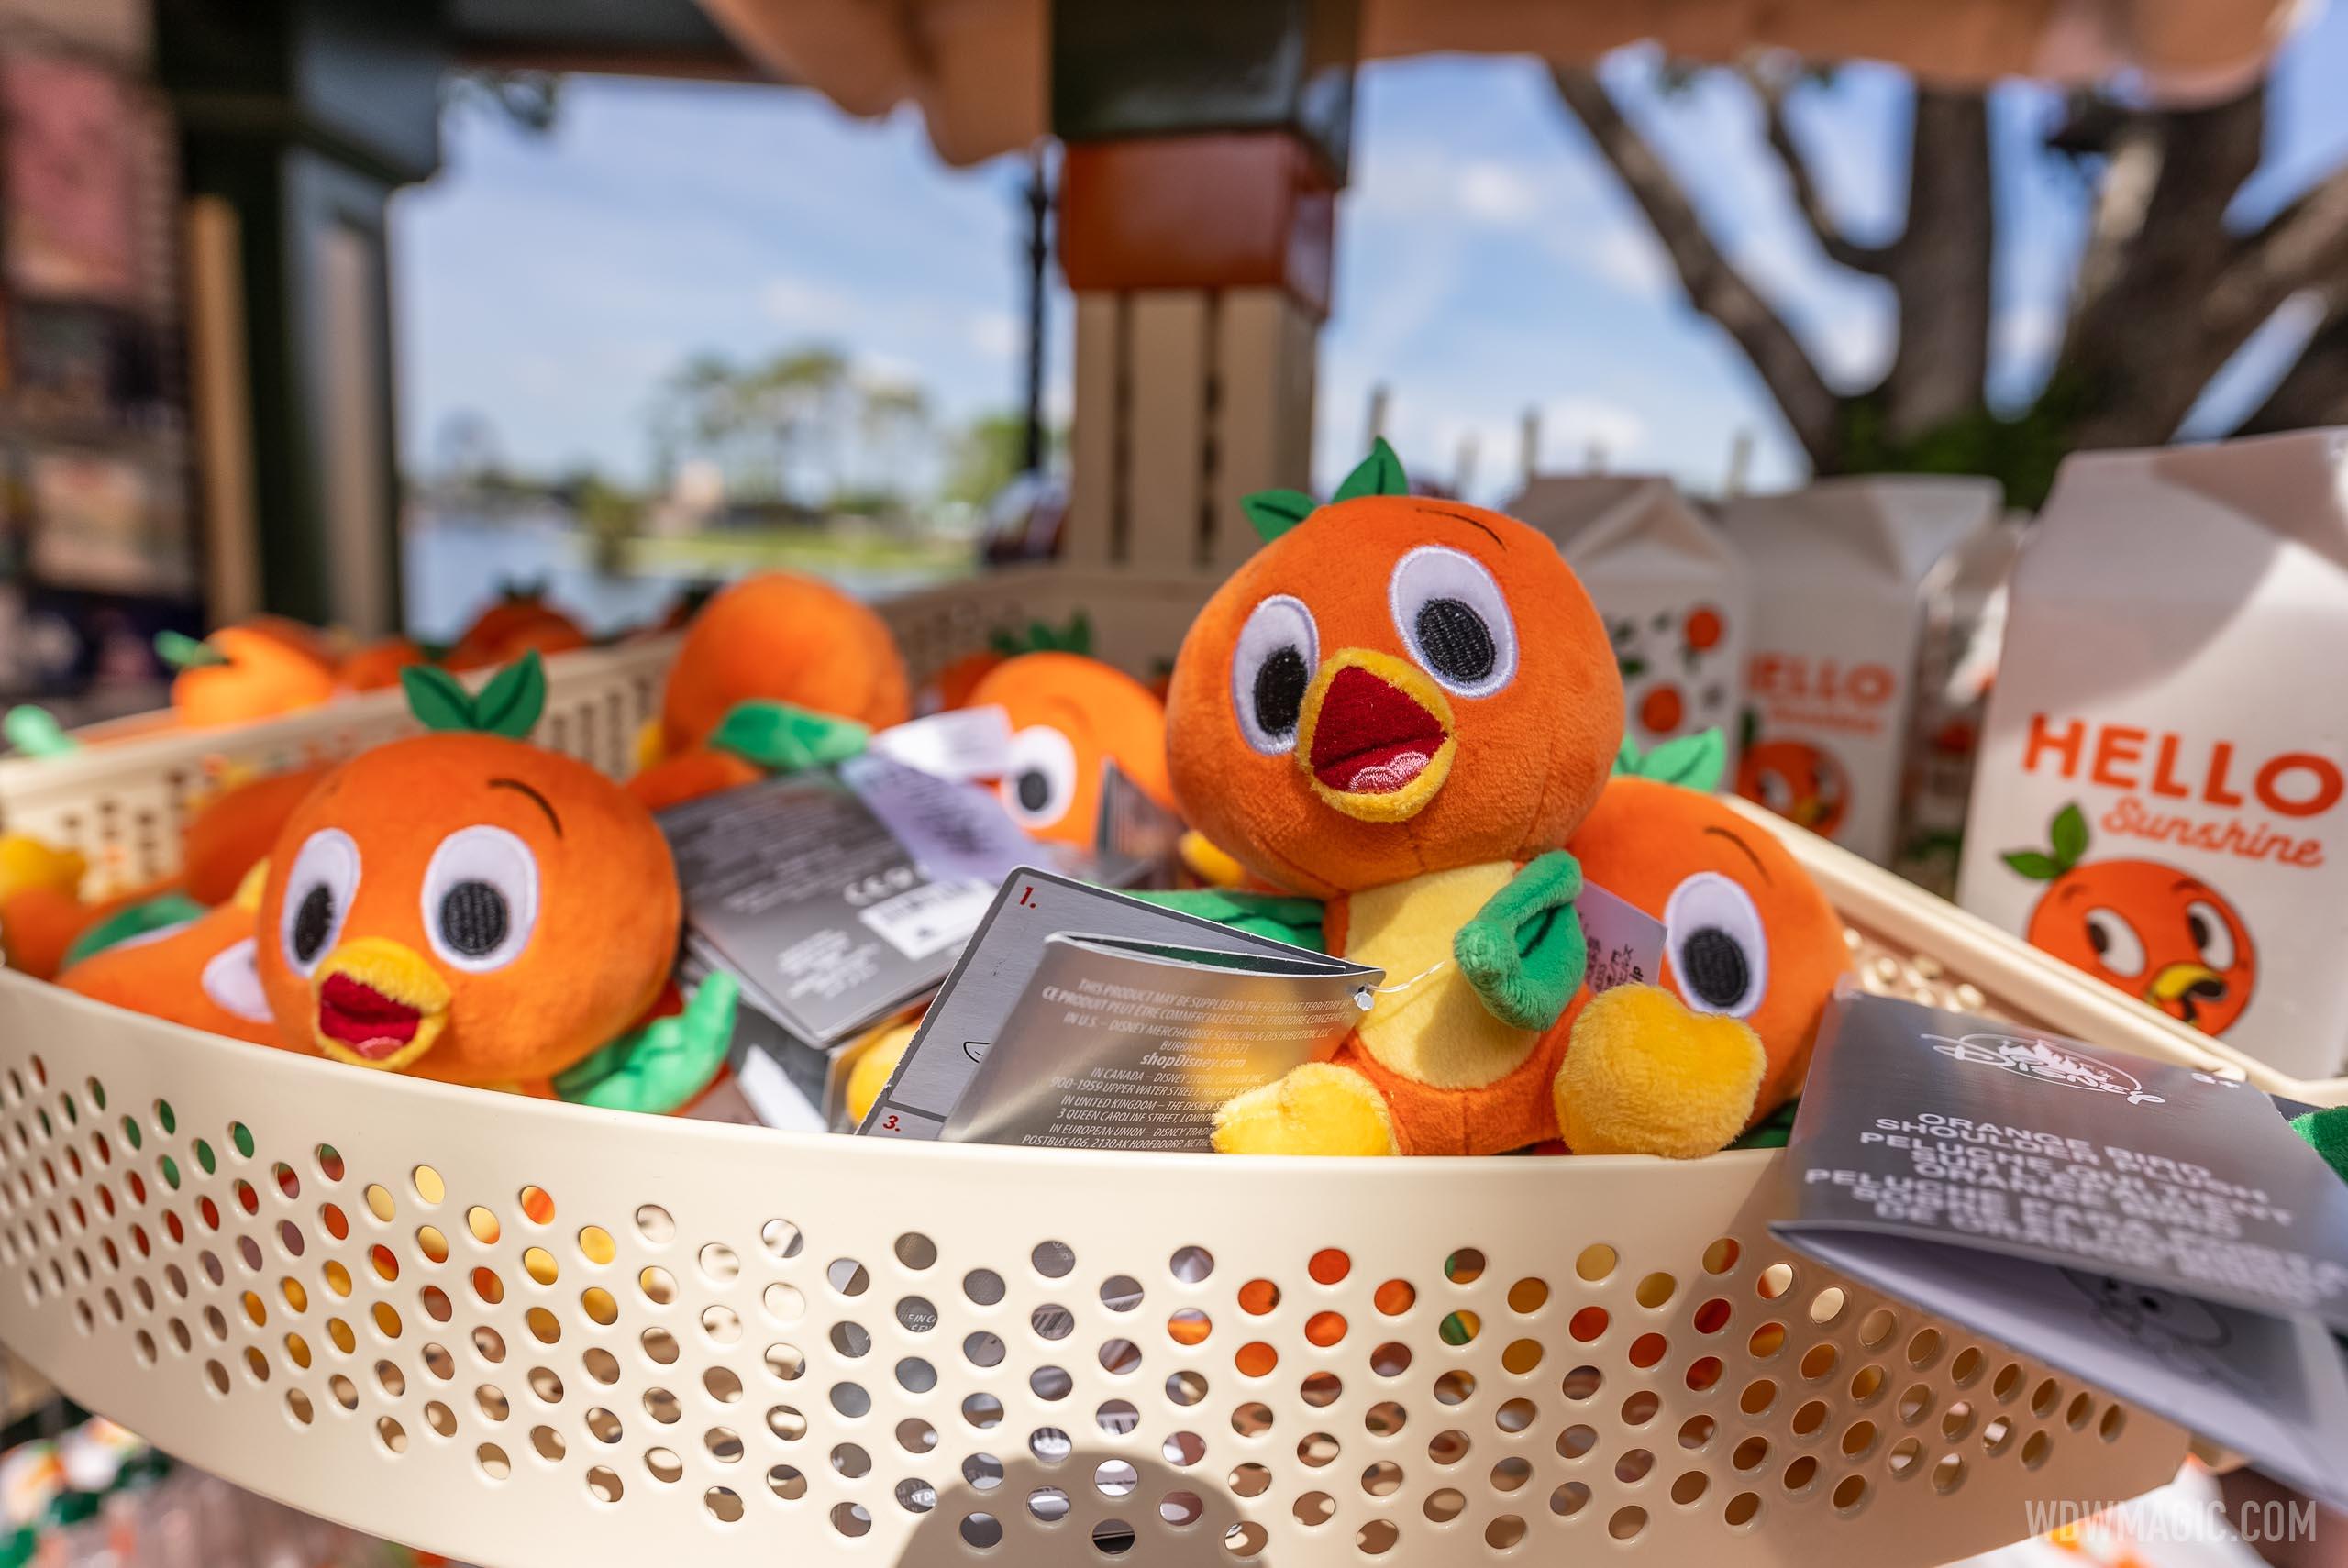 2021 Taste of EPCOT Flower and Garden Festival 'Hello Sunshine' Orange Bird merchandise